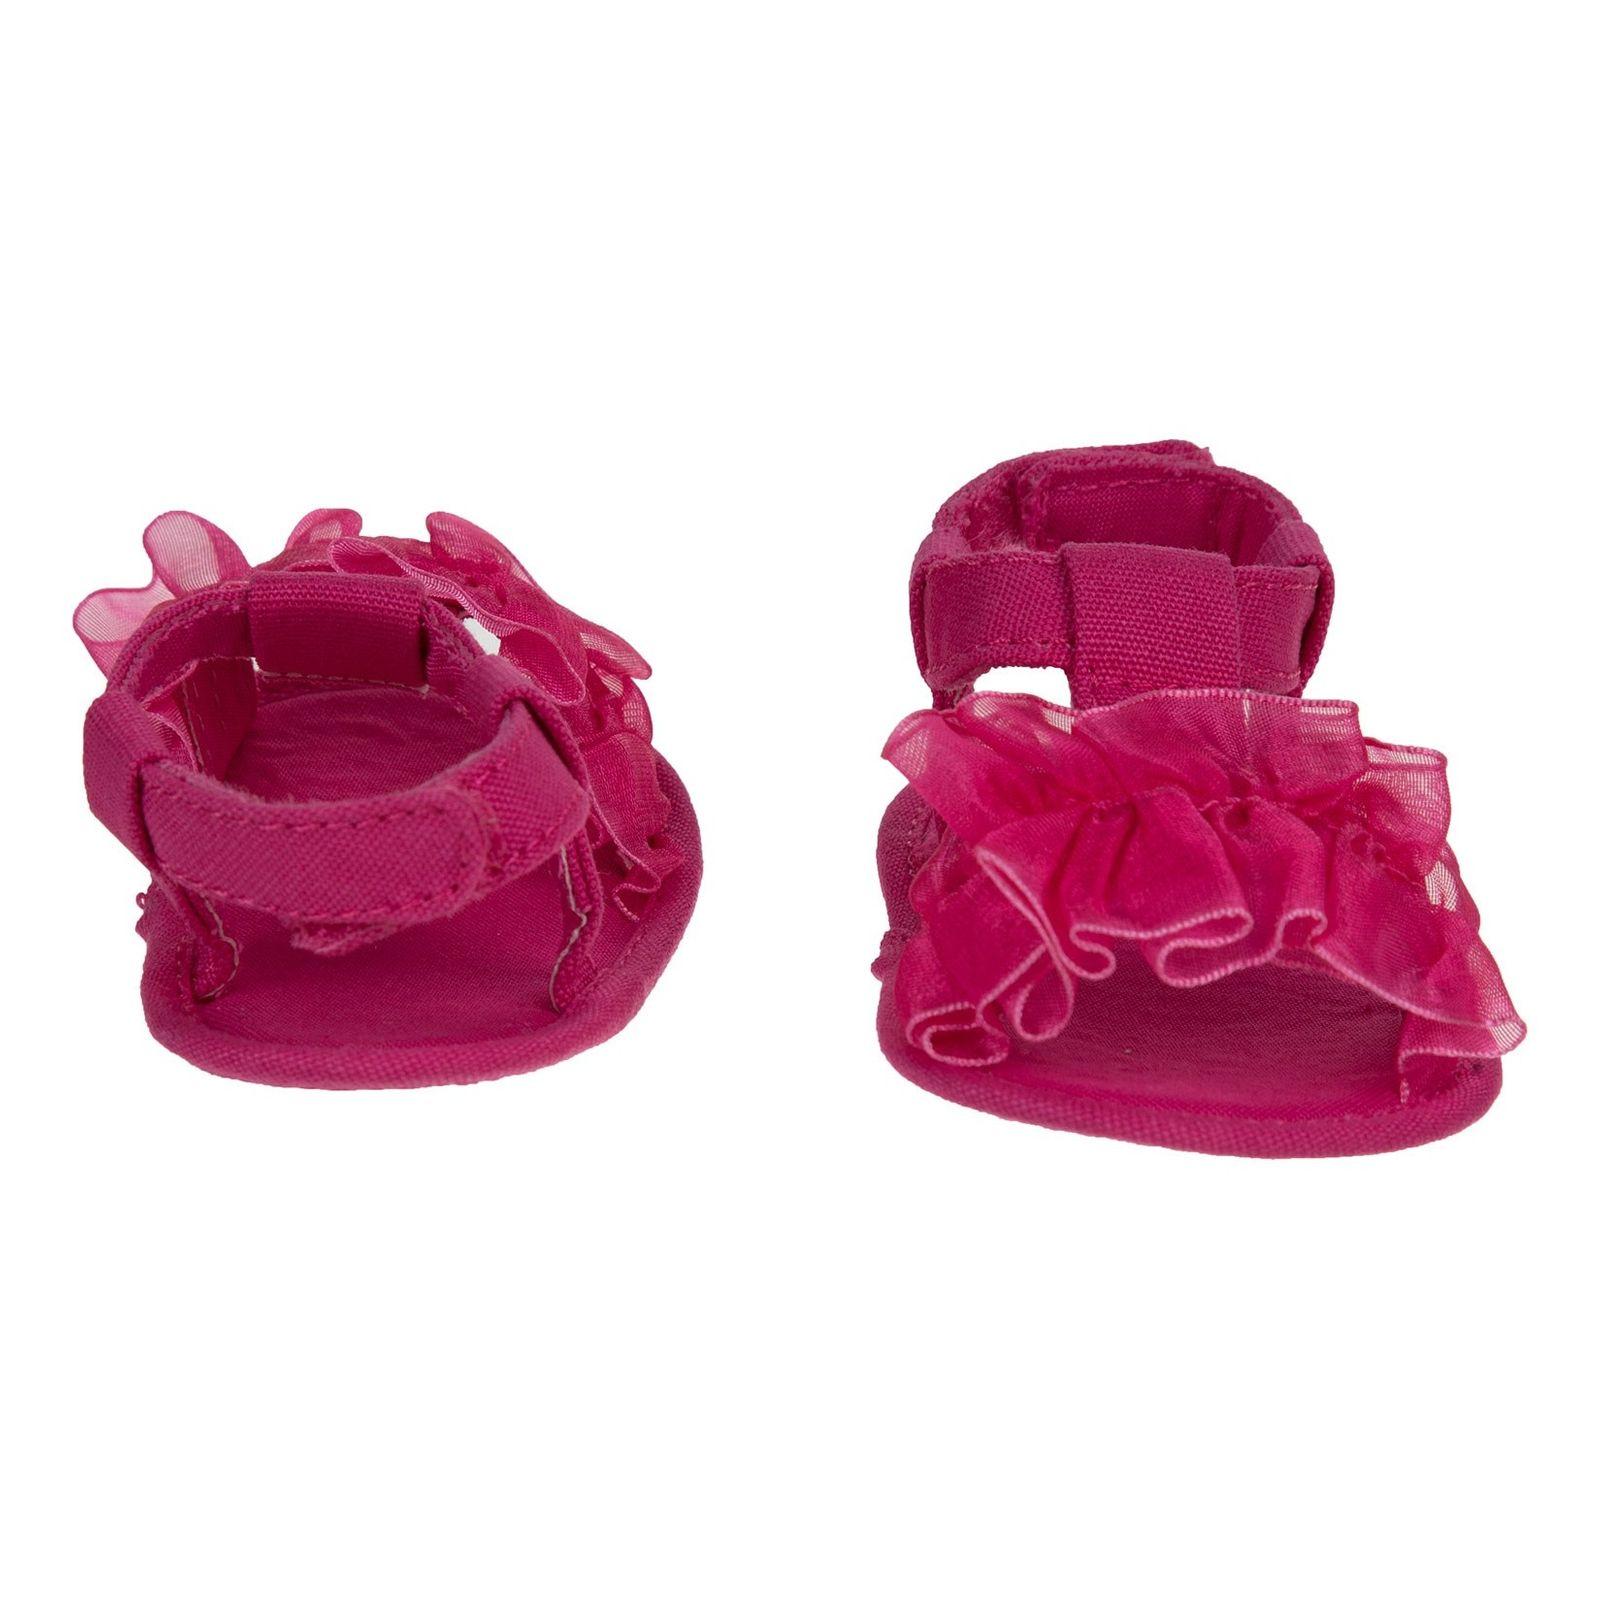 کفش چسبی نوزادی دخترانه - بلوکیدز - صورتی - 5